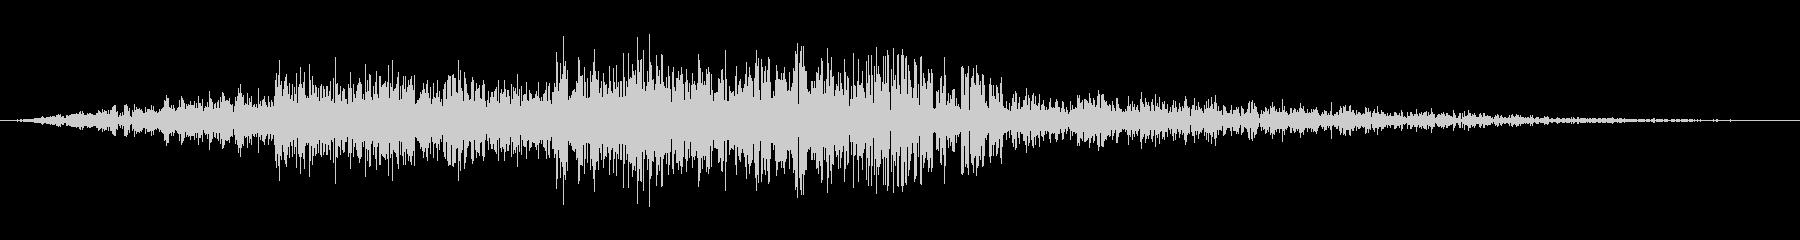 ザップバーストの未再生の波形